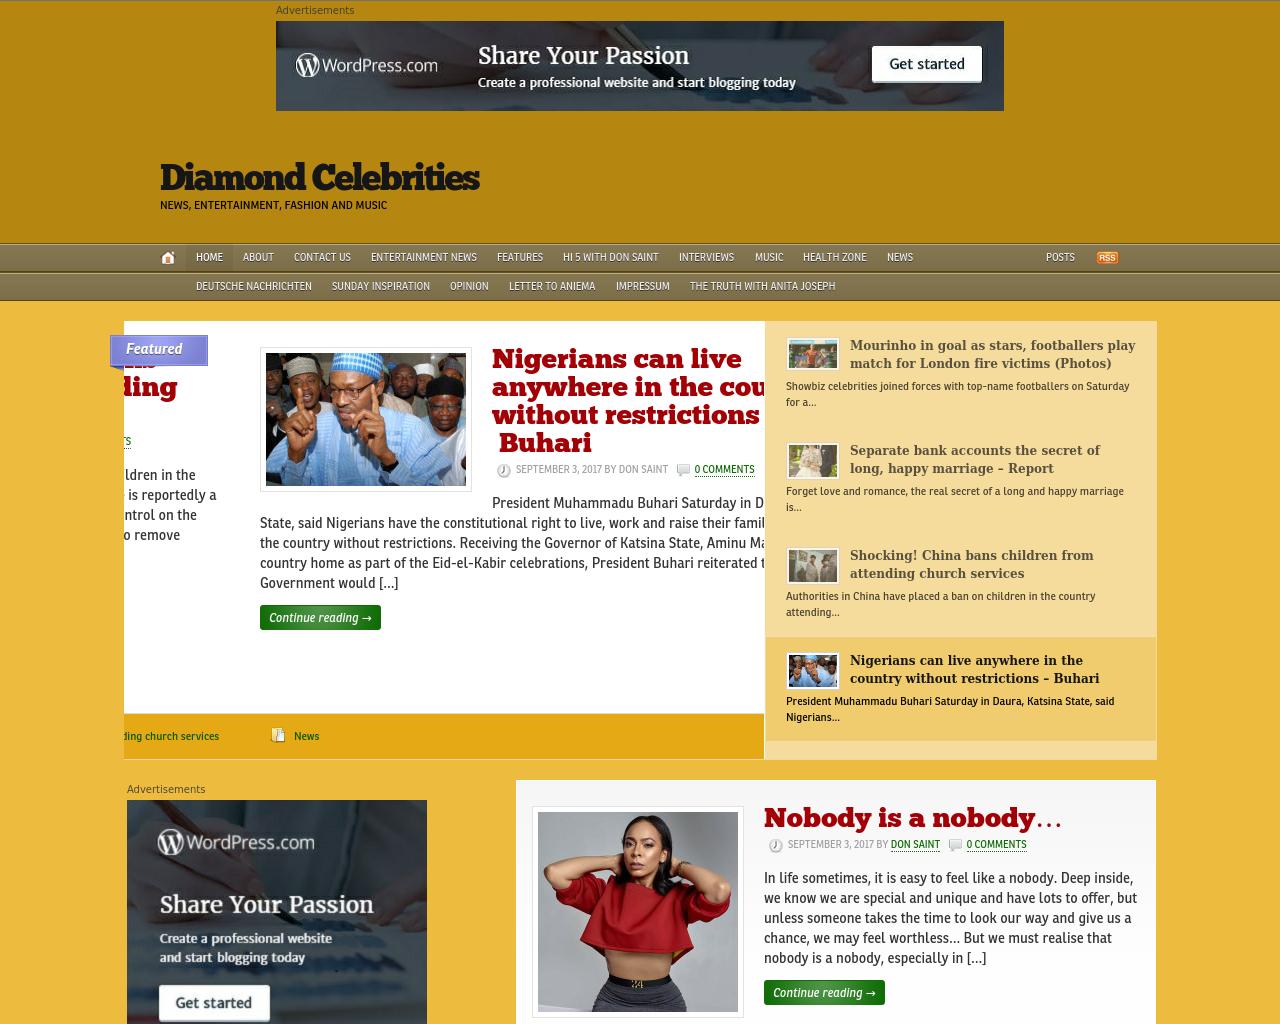 Diamond-Celebrities-Advertising-Reviews-Pricing